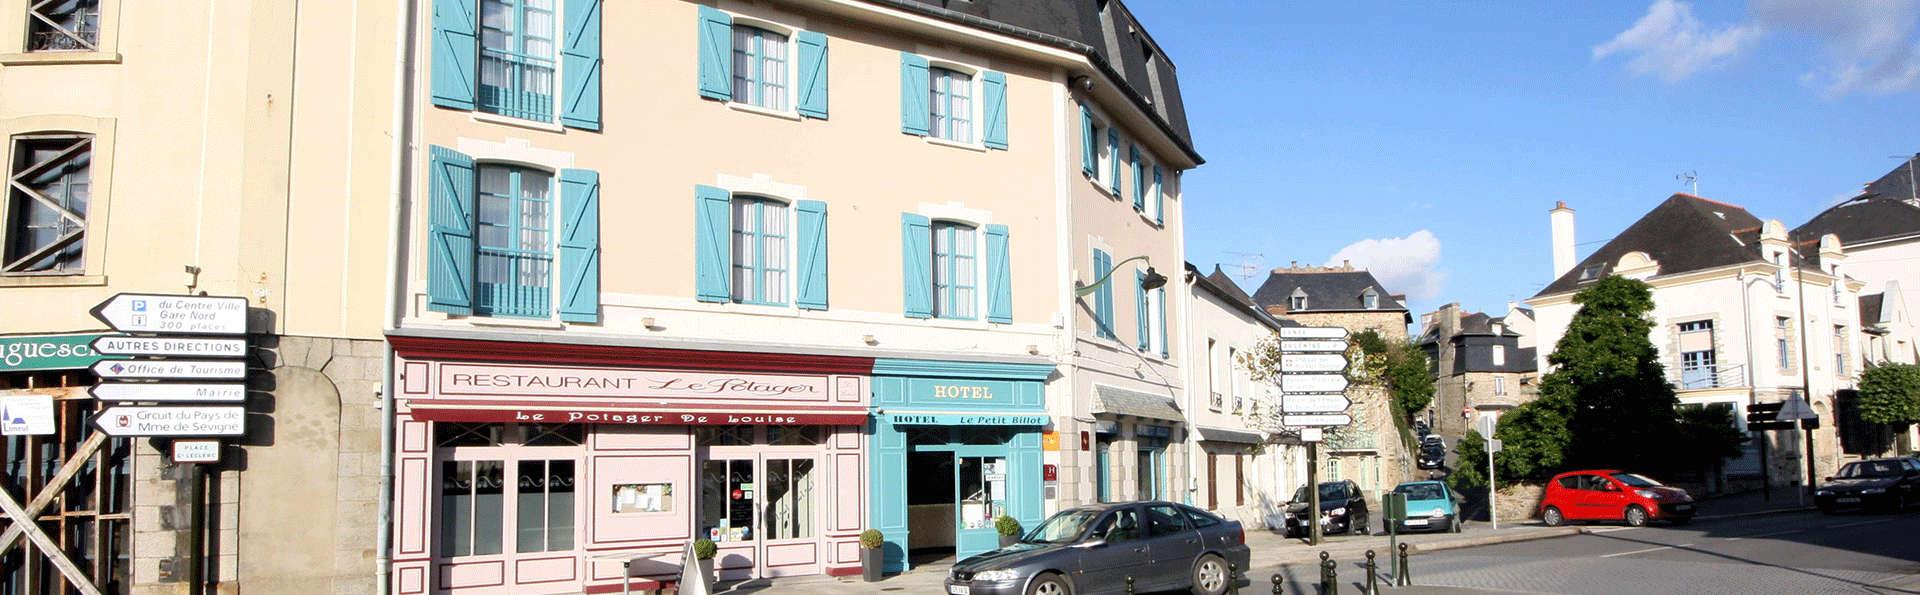 Hôtel Le Petit Billot - Edit_Front.jpg